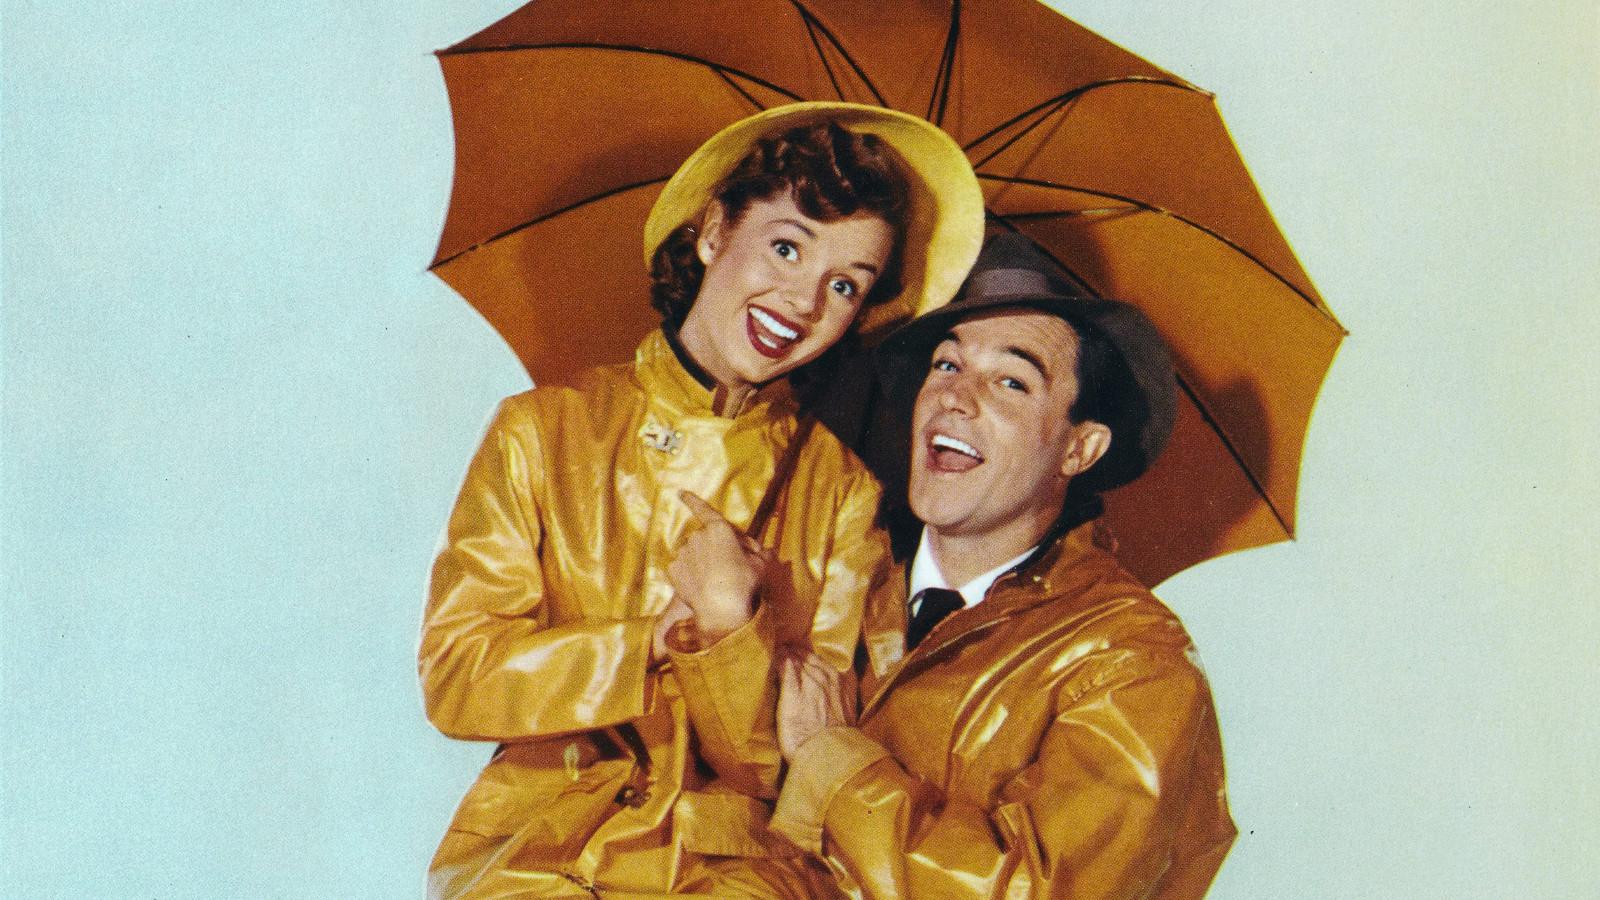 Debbie Reynolds 8 Best Moments From Gene Kelly To Will Grace